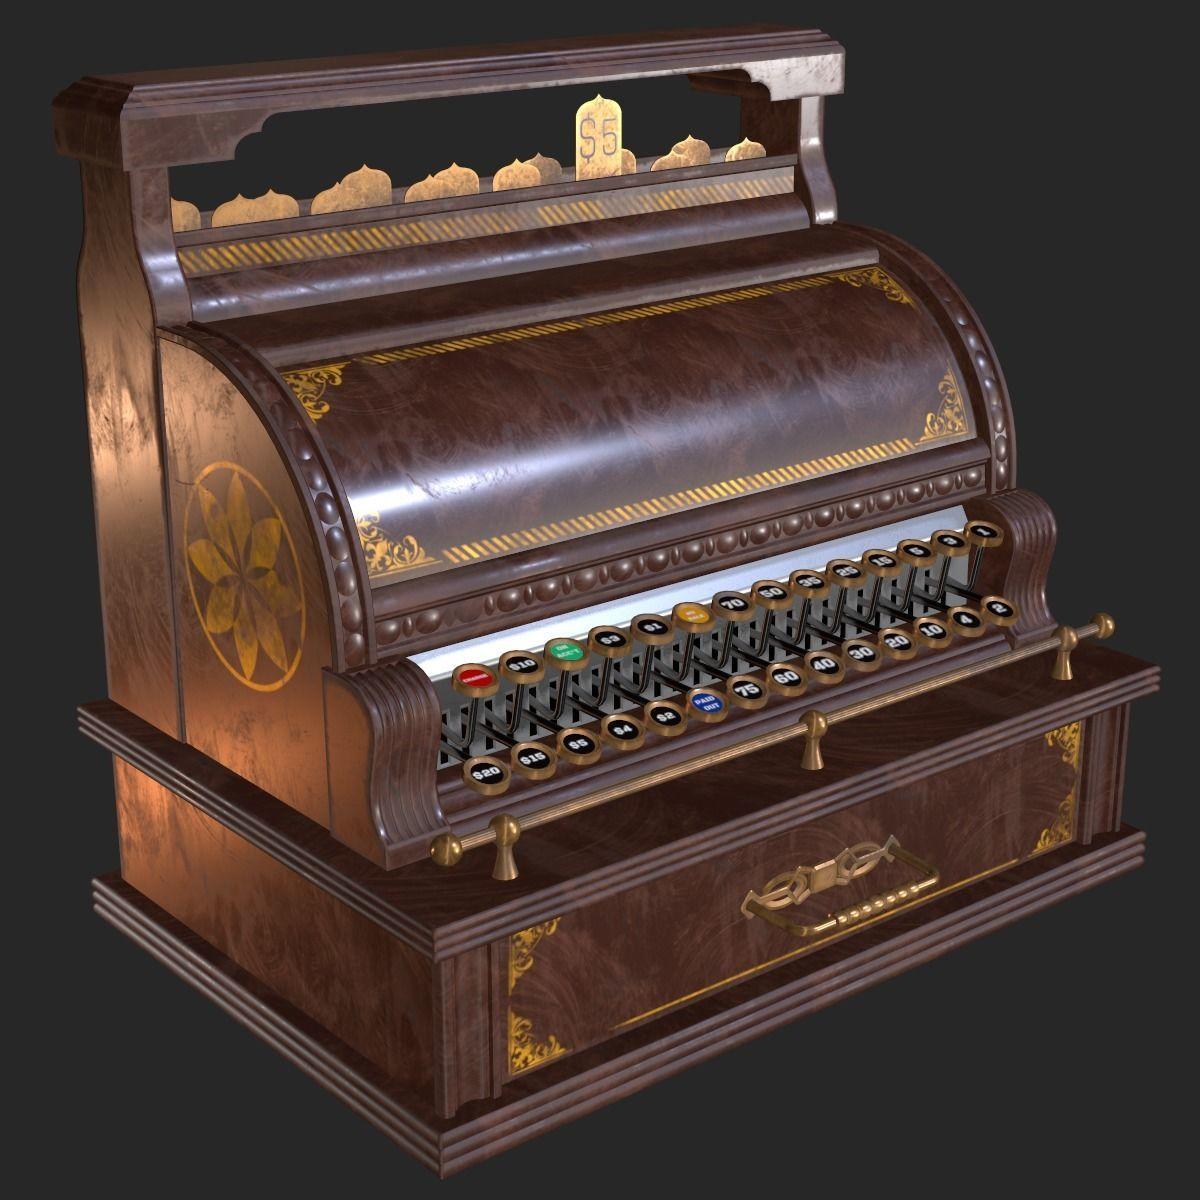 Old Antique Cash Register PBR